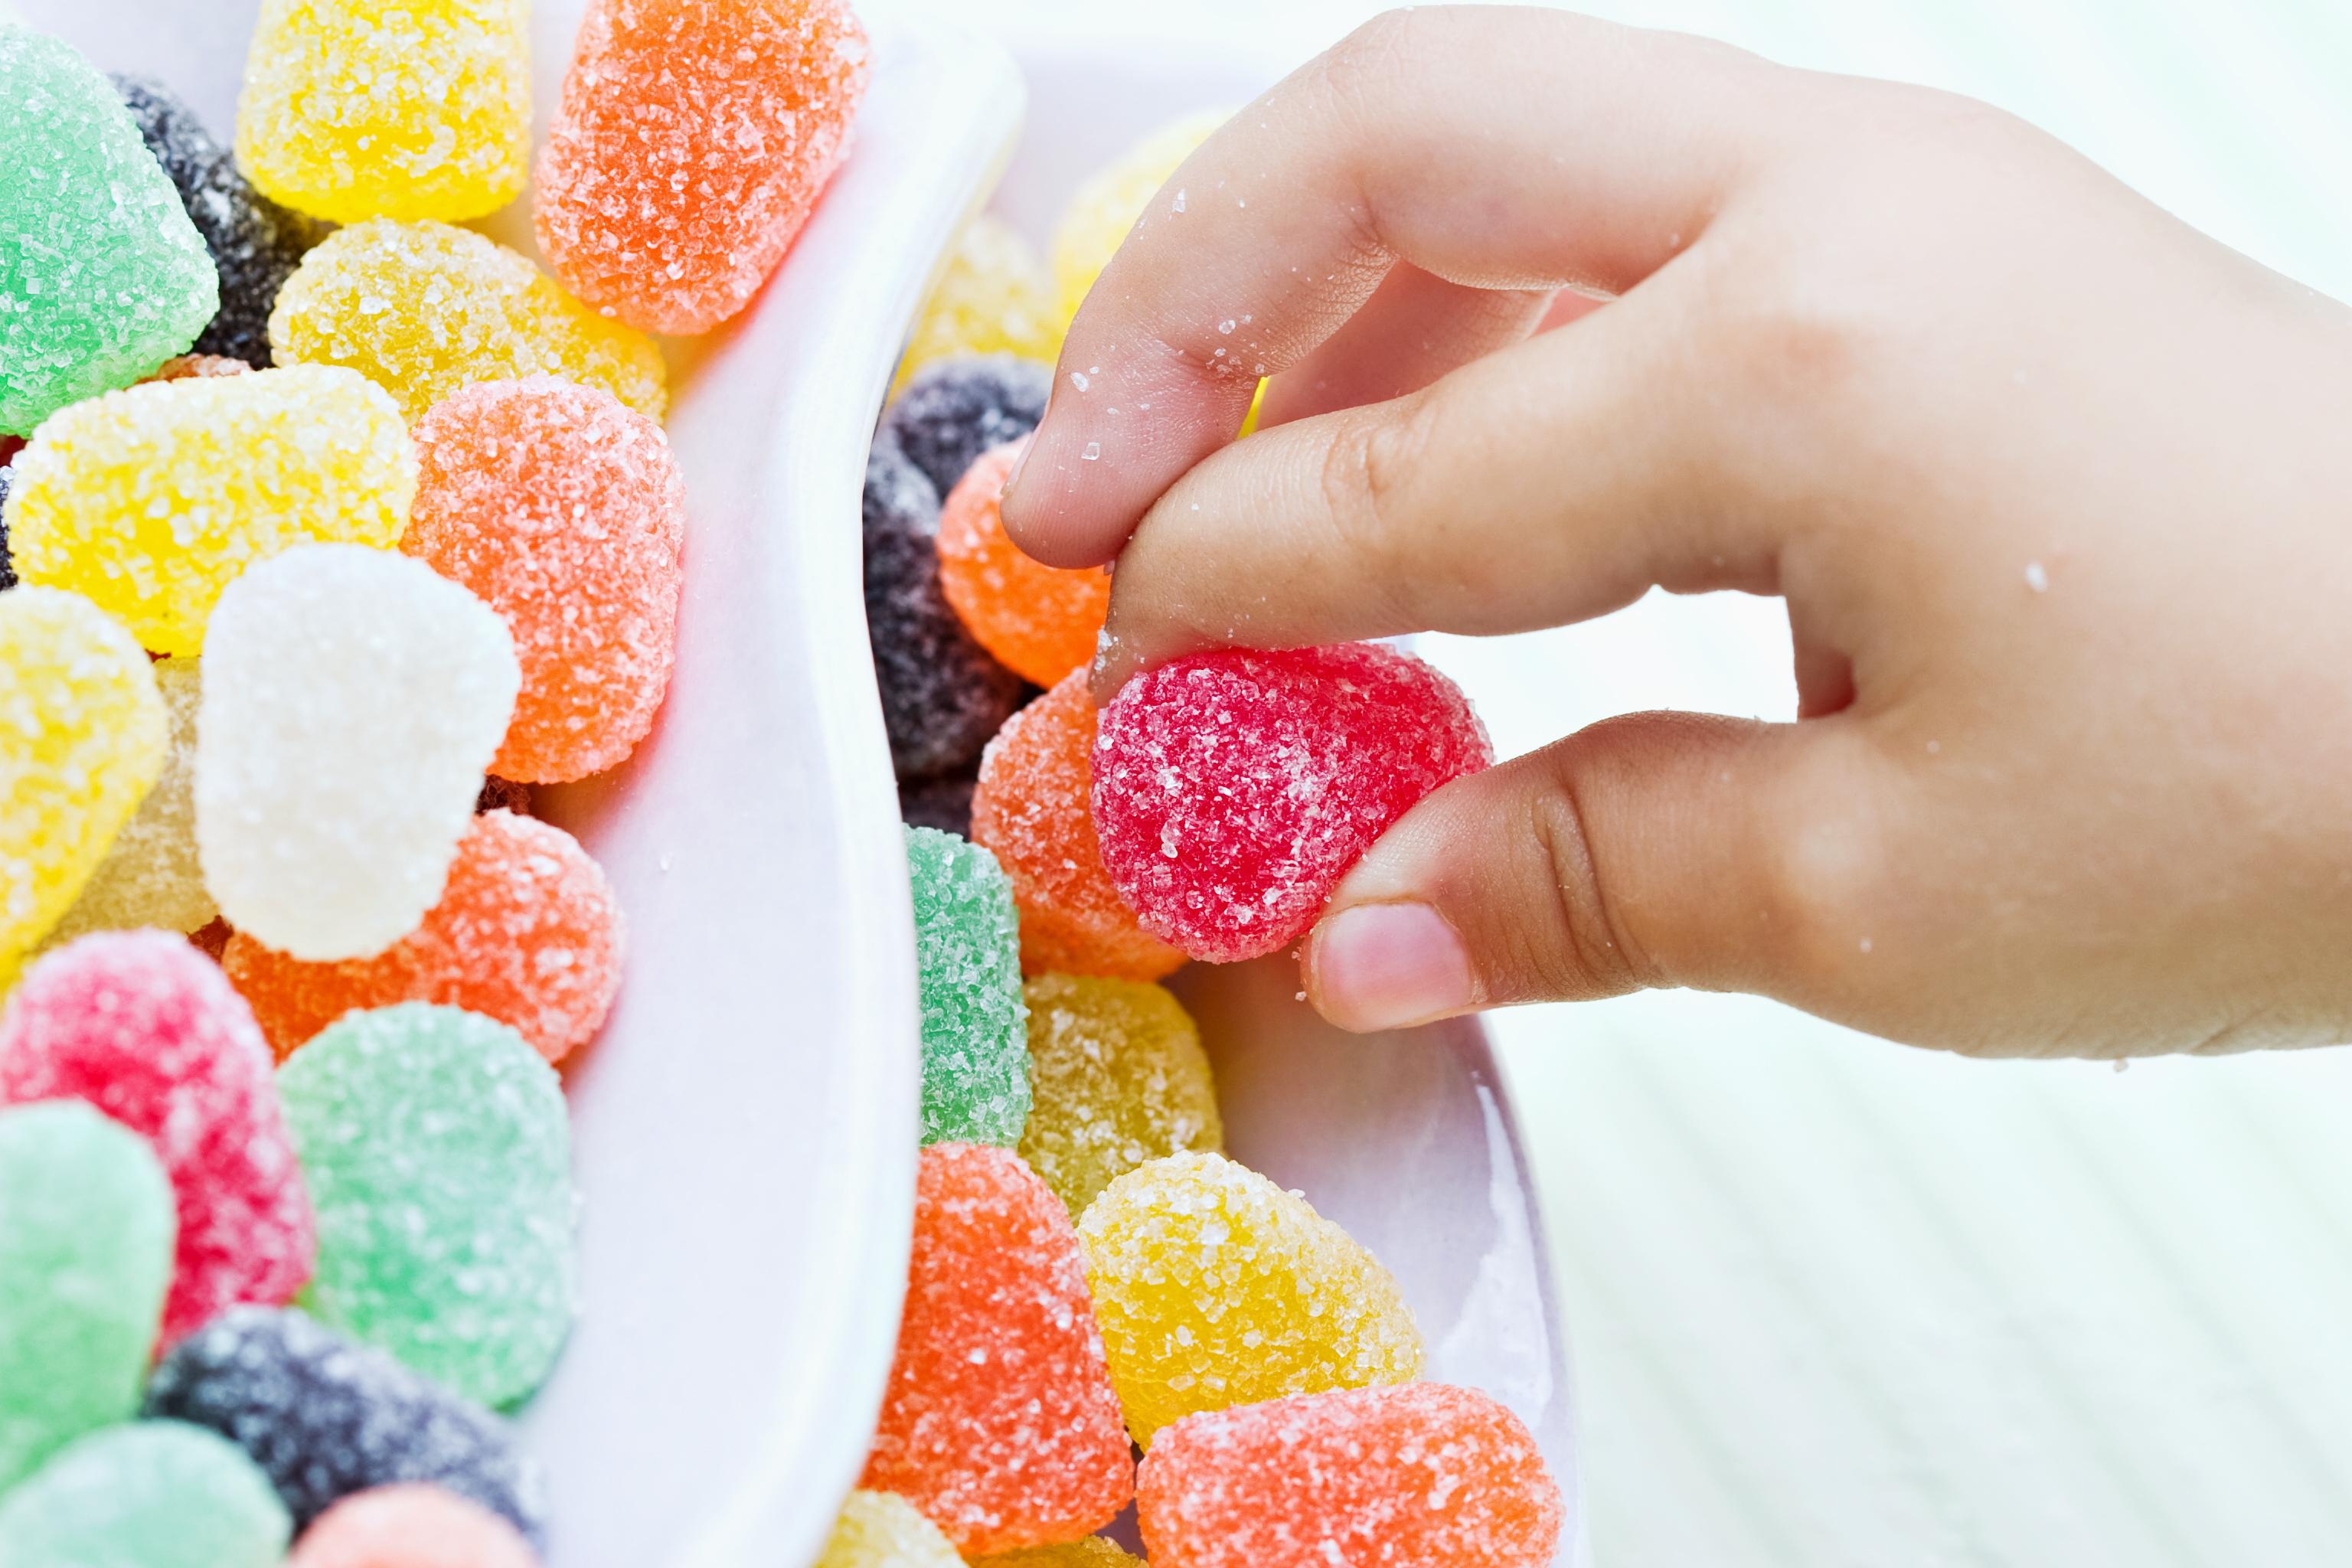 Welche Farbe darf es sein? Algorithmen berechnen unseren Geschmack erstaunlich gut. Foto: Stephanie Frey/shutterstock.com